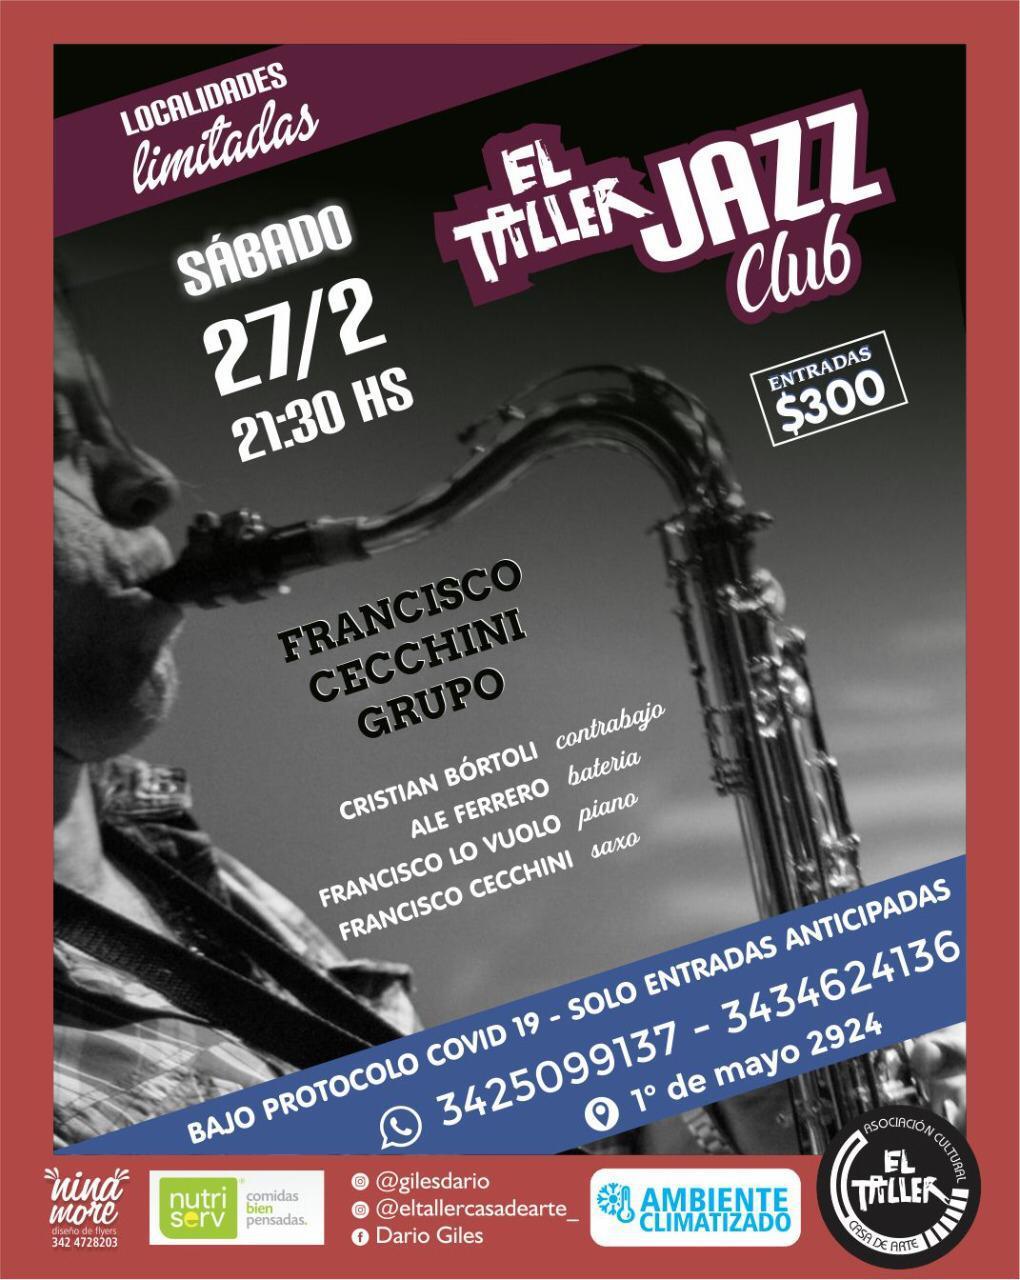 27/2 - Francisco Cecchini grupo en El Taller